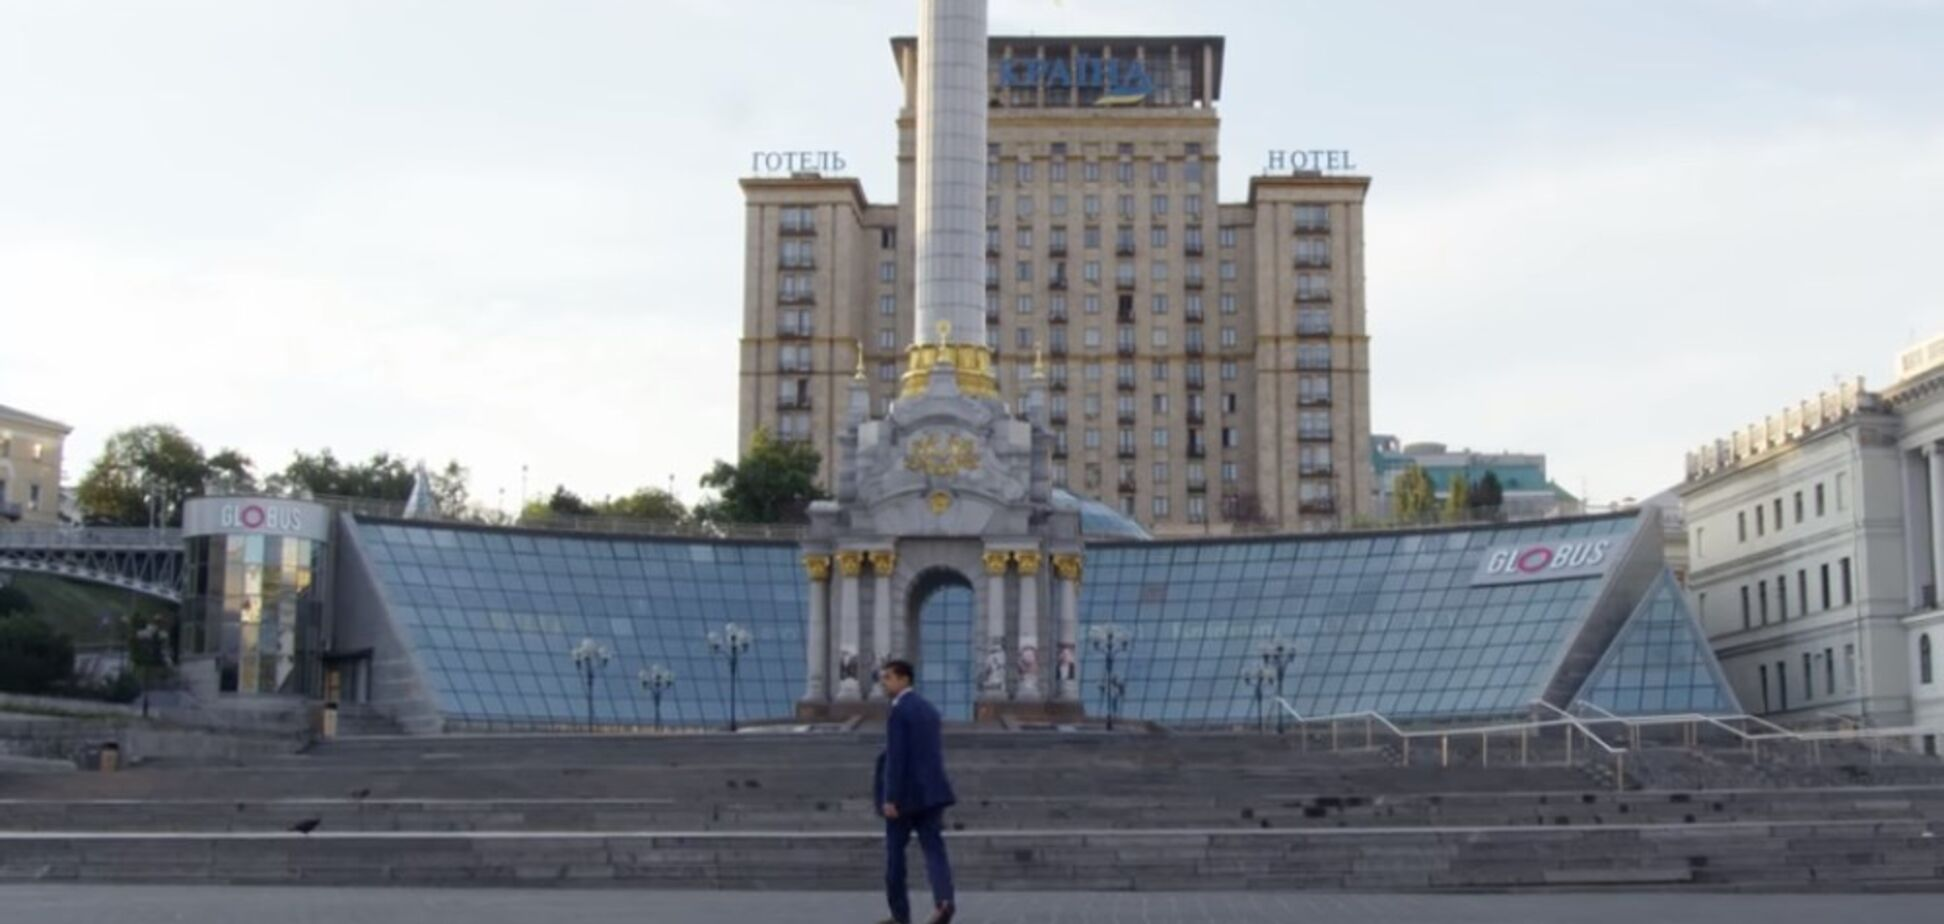 В сети вспомнили 'пророческое' видео с Зеленским и безлюдным Киевом